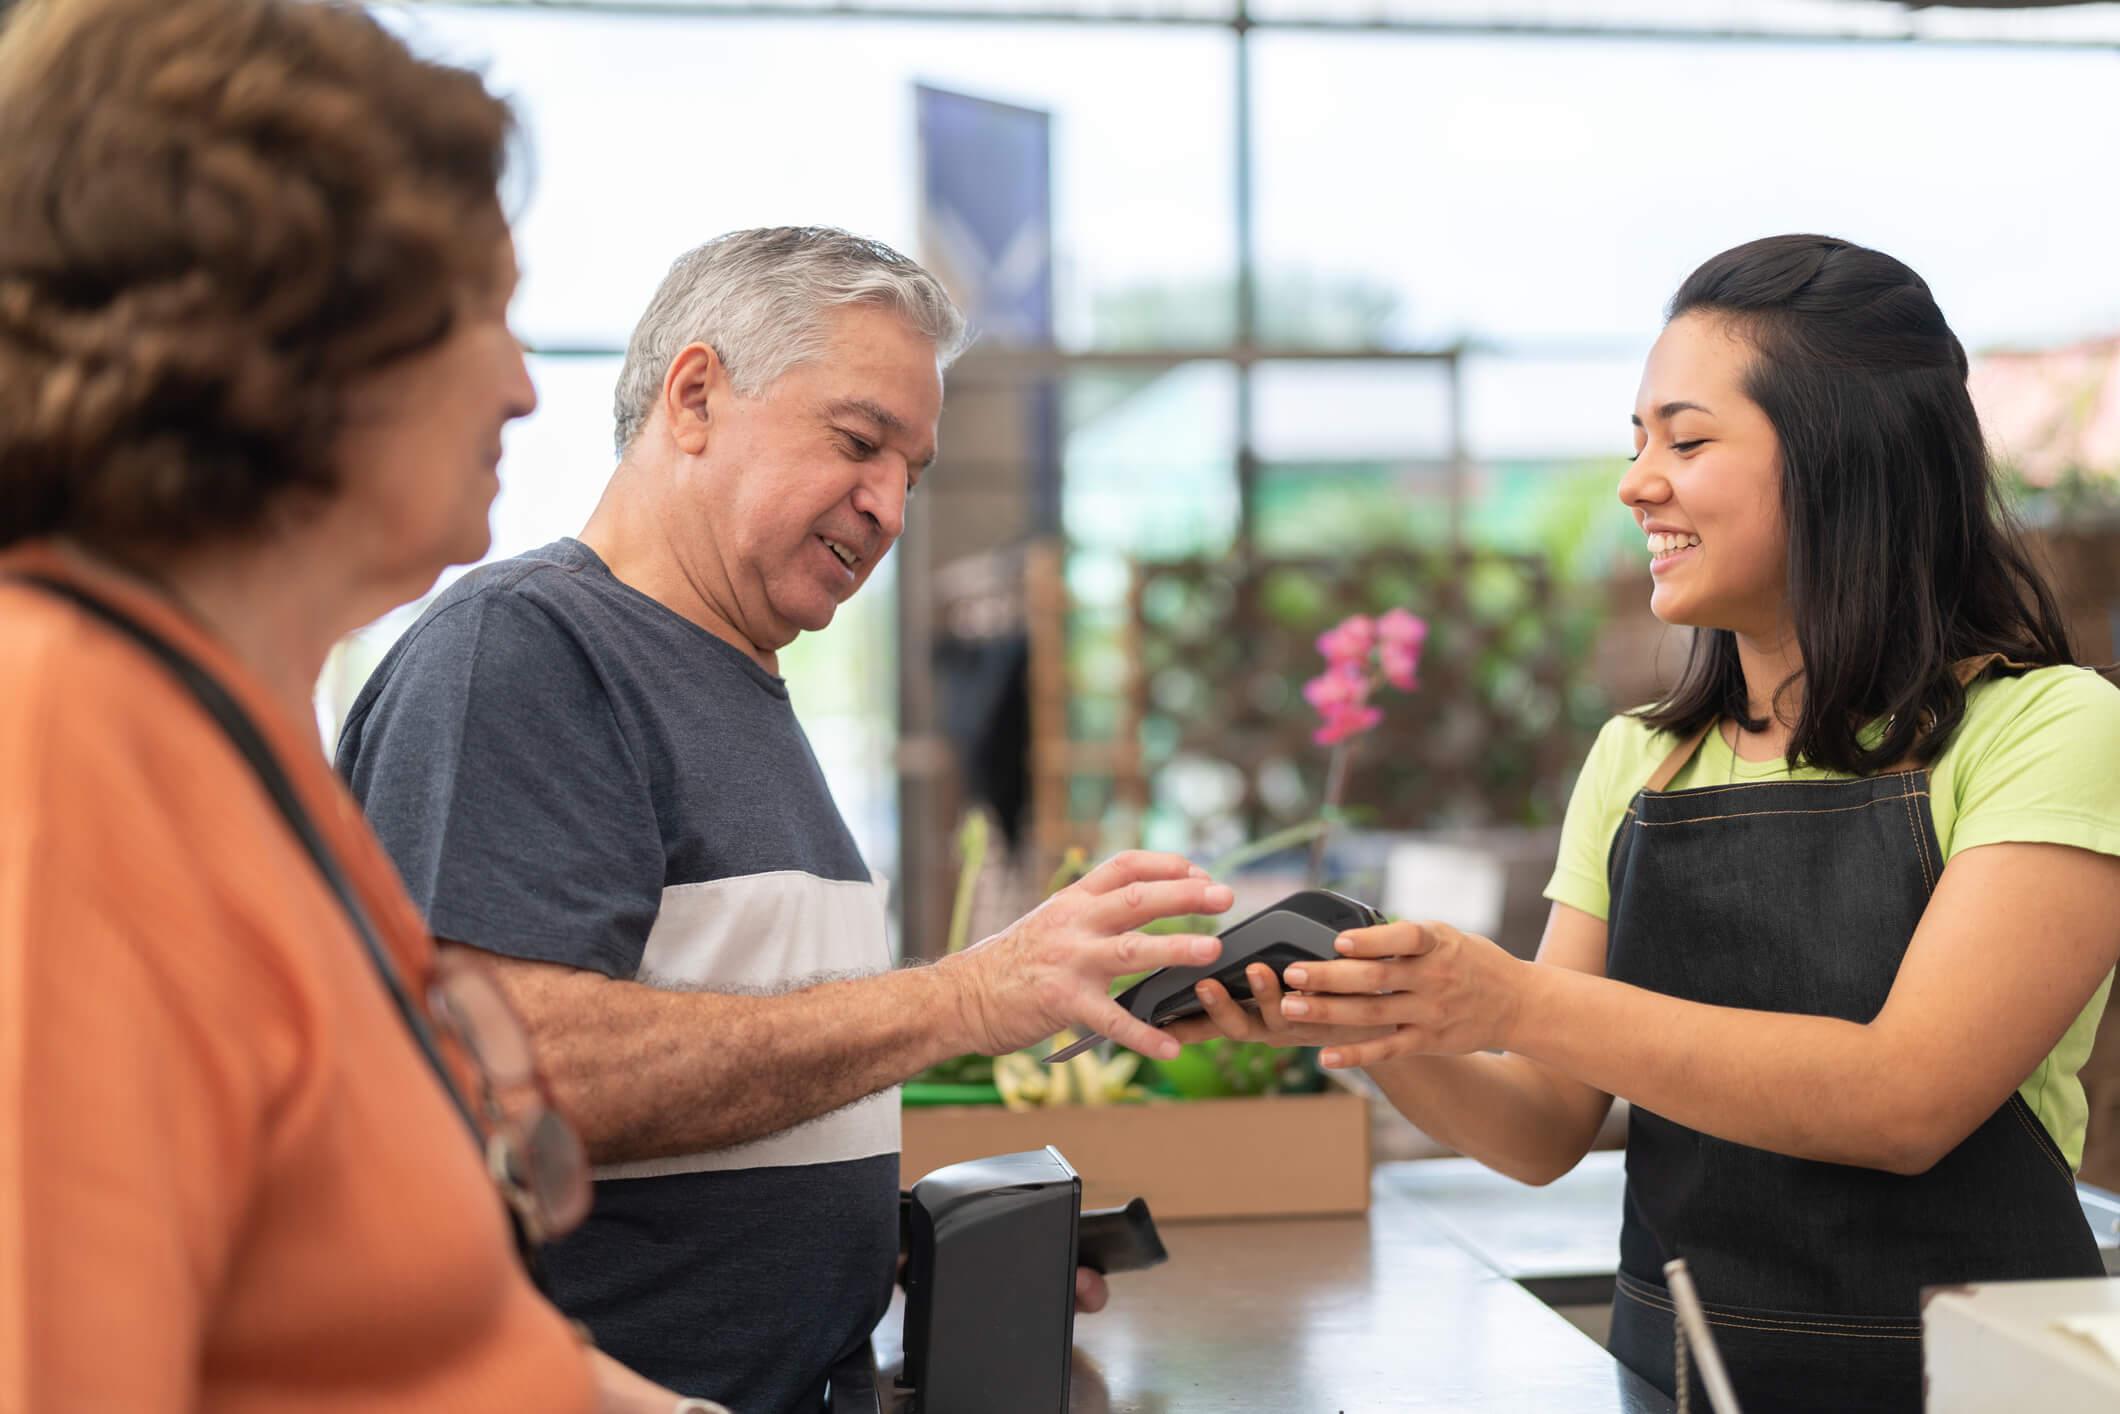 Comportamento do cliente: o que importa na decisão de compra?